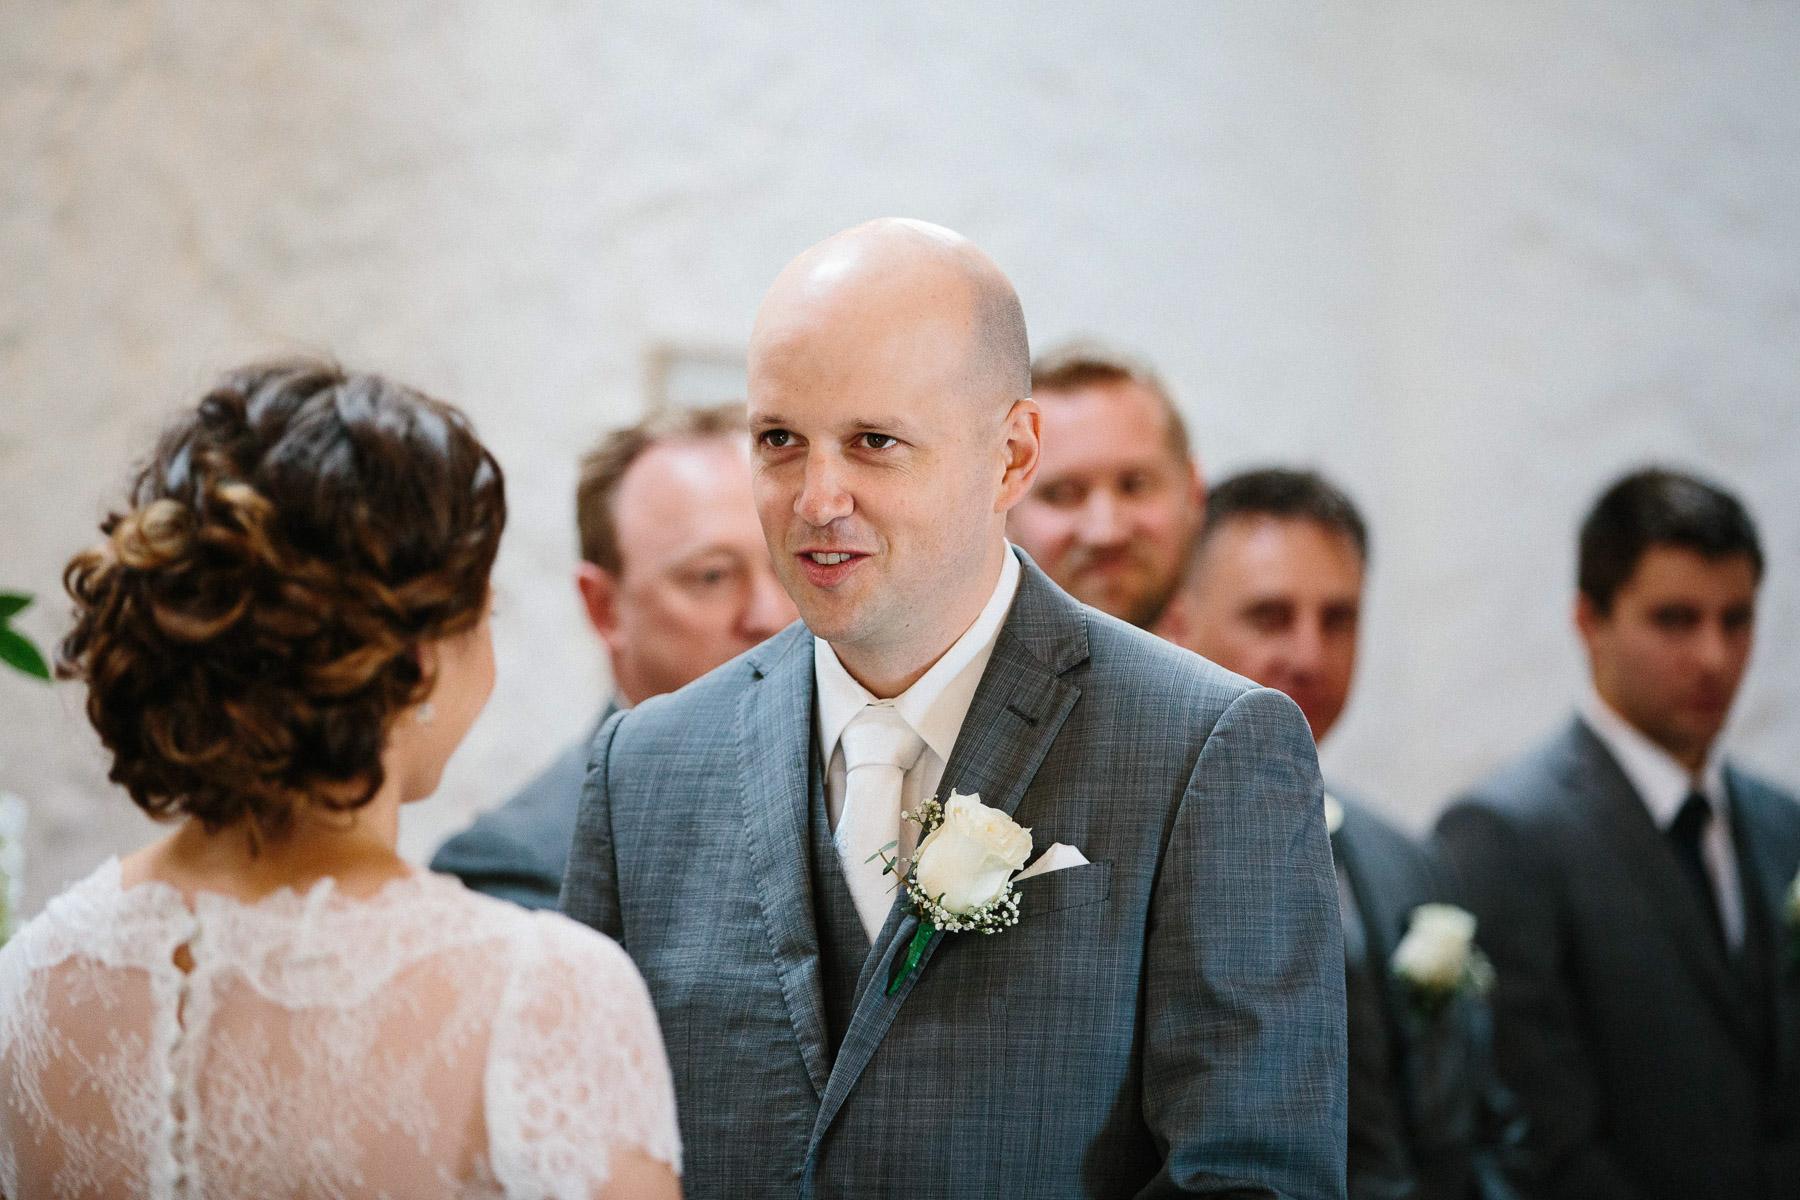 31-natural wedding photography perth amanda afton.jpg